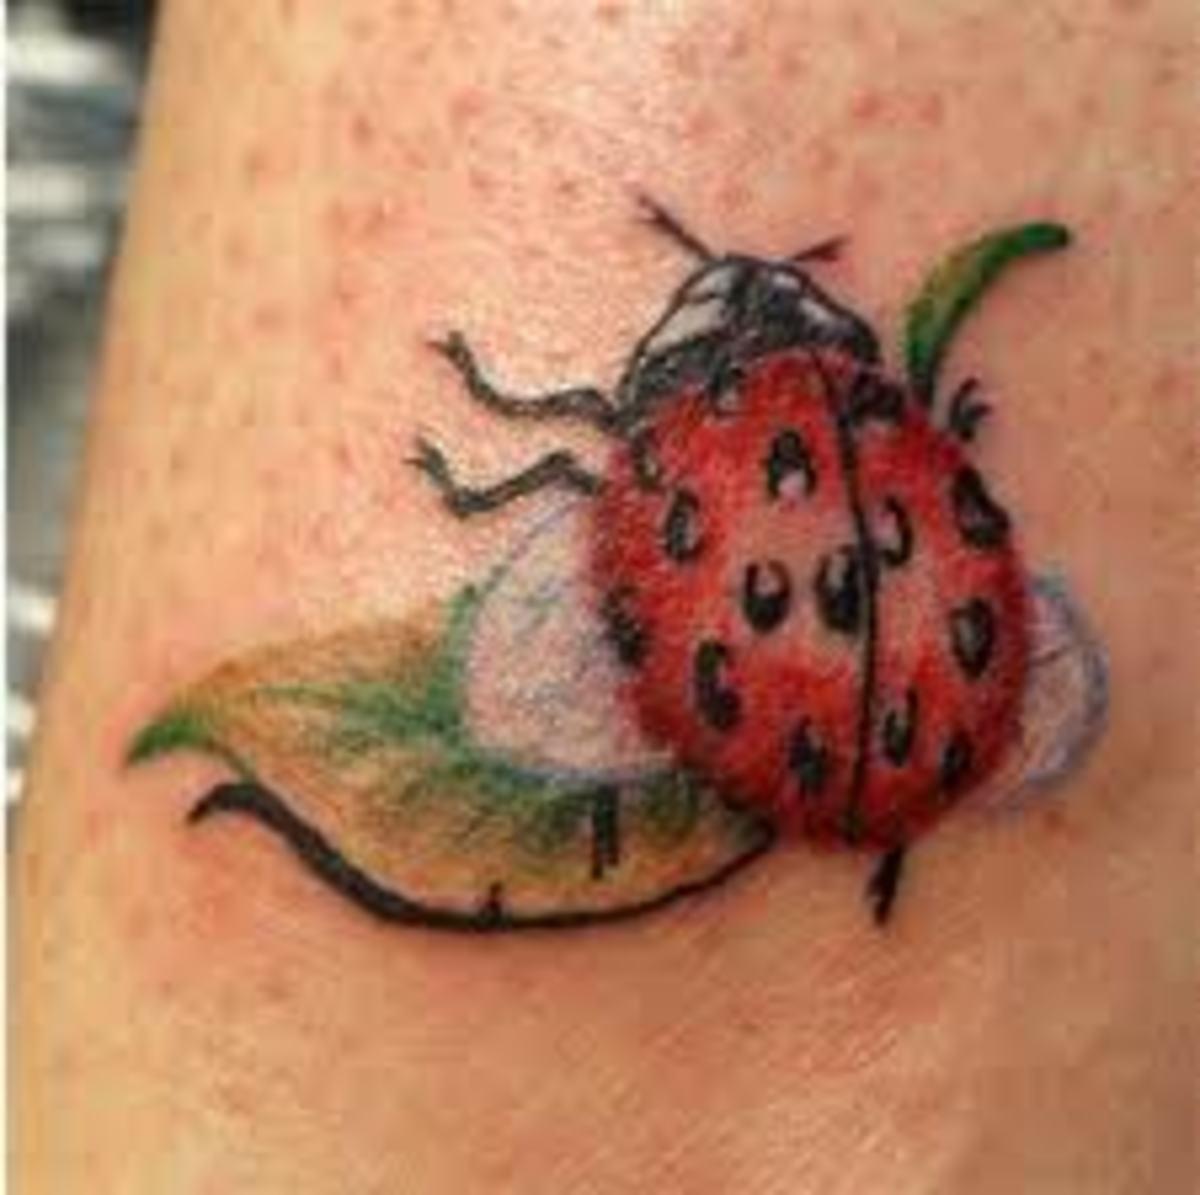 ladybug-tattoos-and-meanings-ladybug-tattoo-designs-and-ideas